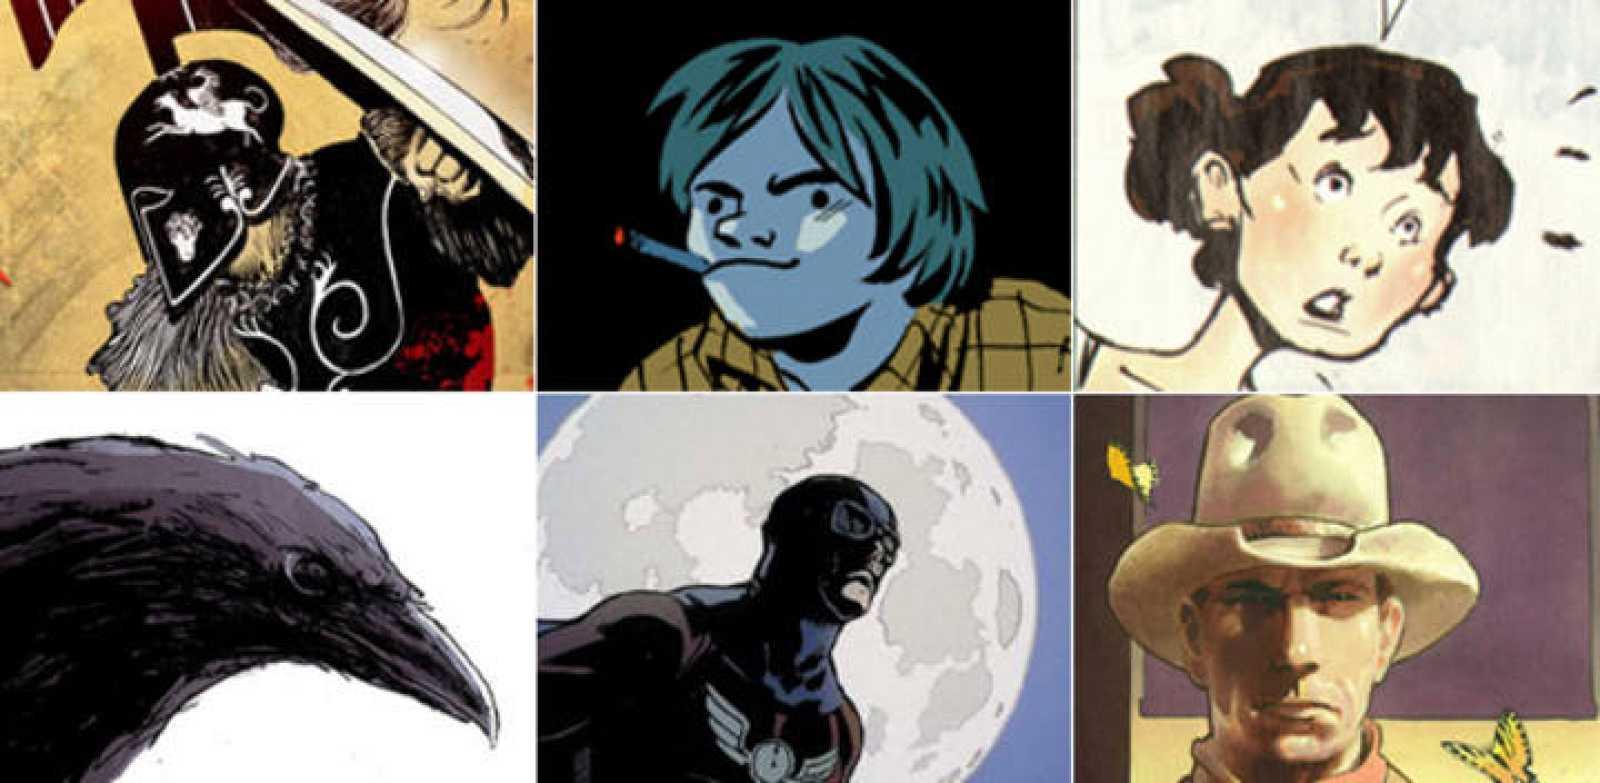 Imágenes de La Odisea (Norma Editorial), 'Una vida sin Barjot' (Ninth Ediciones), 'Sentido y sensibilidad' (Panini); 'The Crow' (Yermo ediciones), 'Capitán Midnight' (Aleta ediciones) y 'Deadline' (Yermo ediciones)